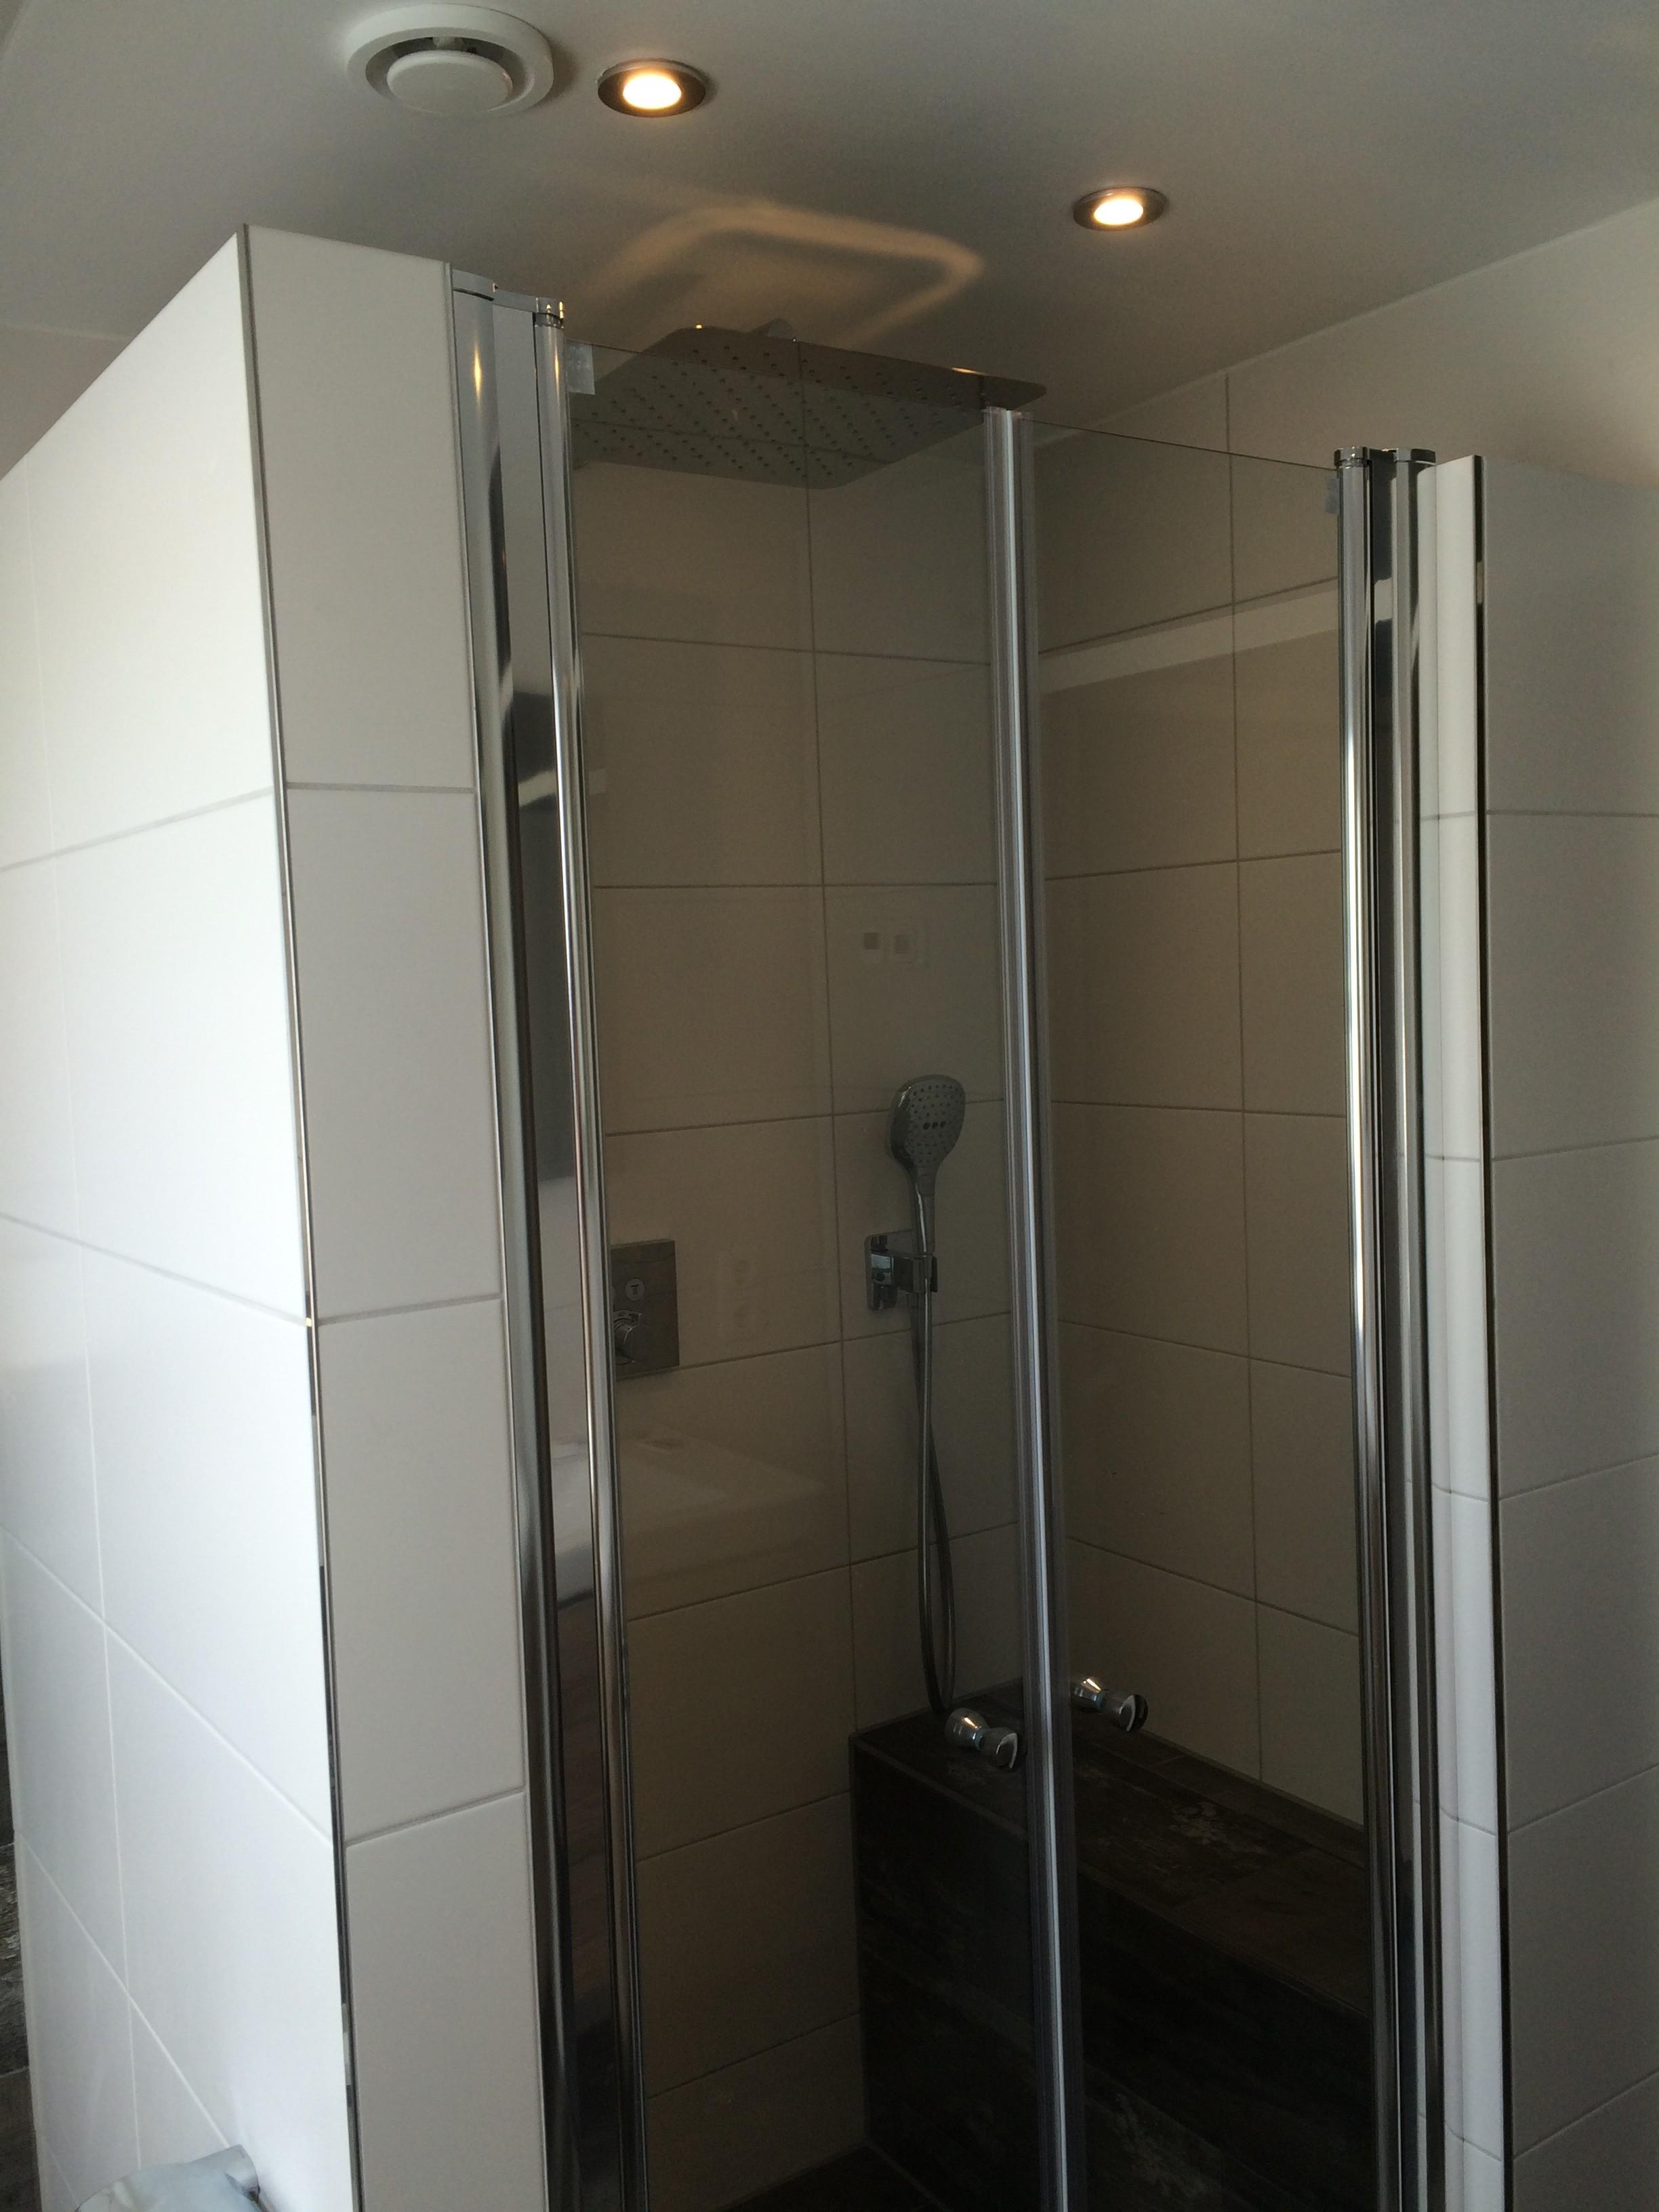 garantie nieuwe badkamer bart van tol montage voor uw